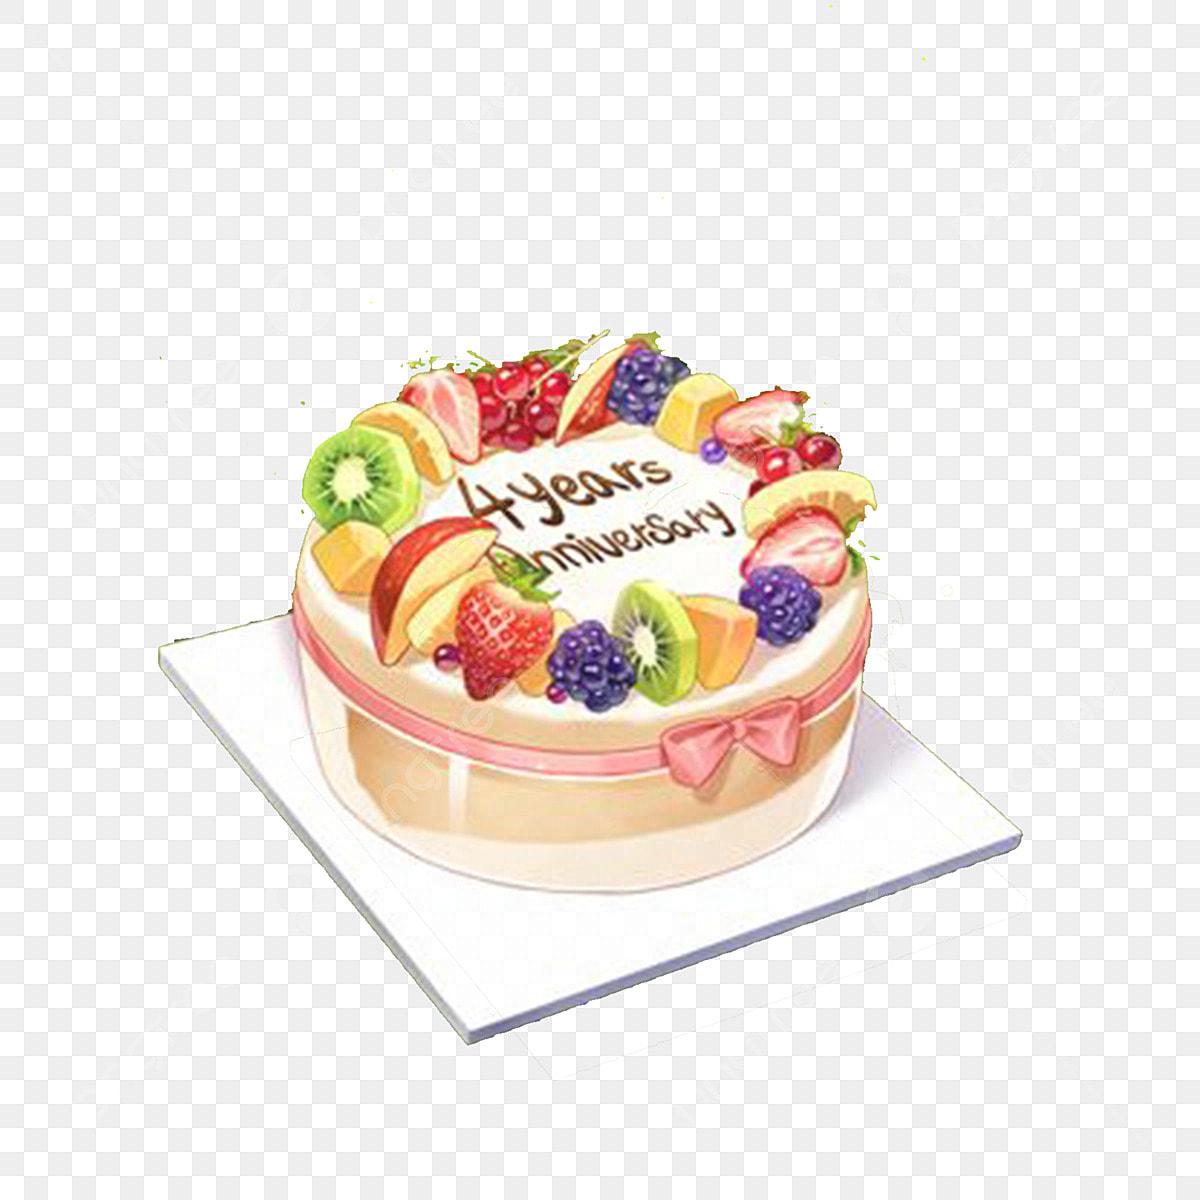 Wondrous Cartoon Fresh Fruit Cake Free Illustration Birthday Cake Fruit Personalised Birthday Cards Veneteletsinfo